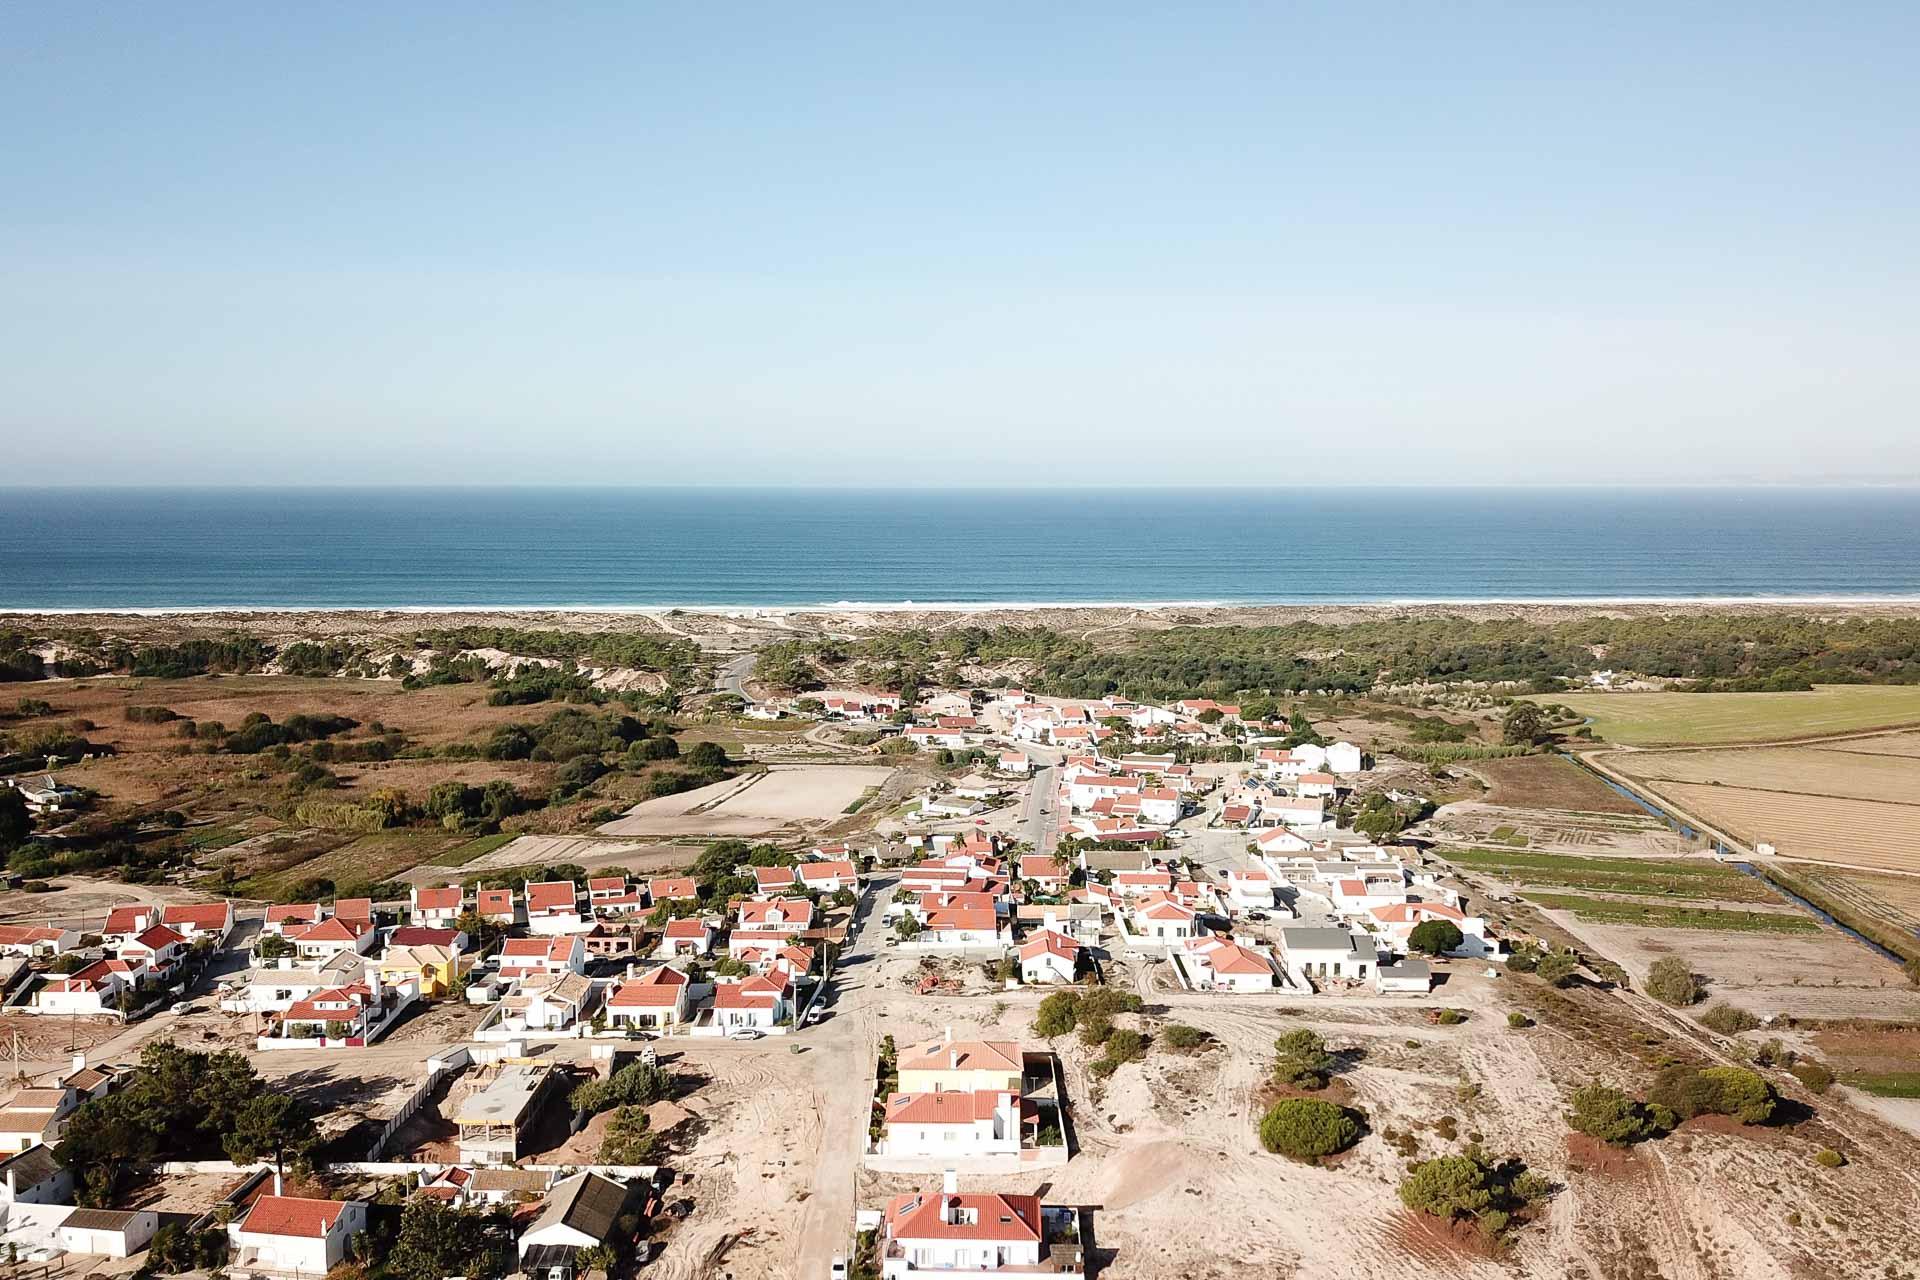 Village de pêcheurs face à l'Atlantique, Comporta, à 1h30 au sud de Lisbonne, s'est imposé comme l'une des destinations les plus en vogue du Portugal. Où dormir, que voir, que faire, où manger, où boire un verre et où aller à la plage, on vous dévoile ses meilleures adresses.